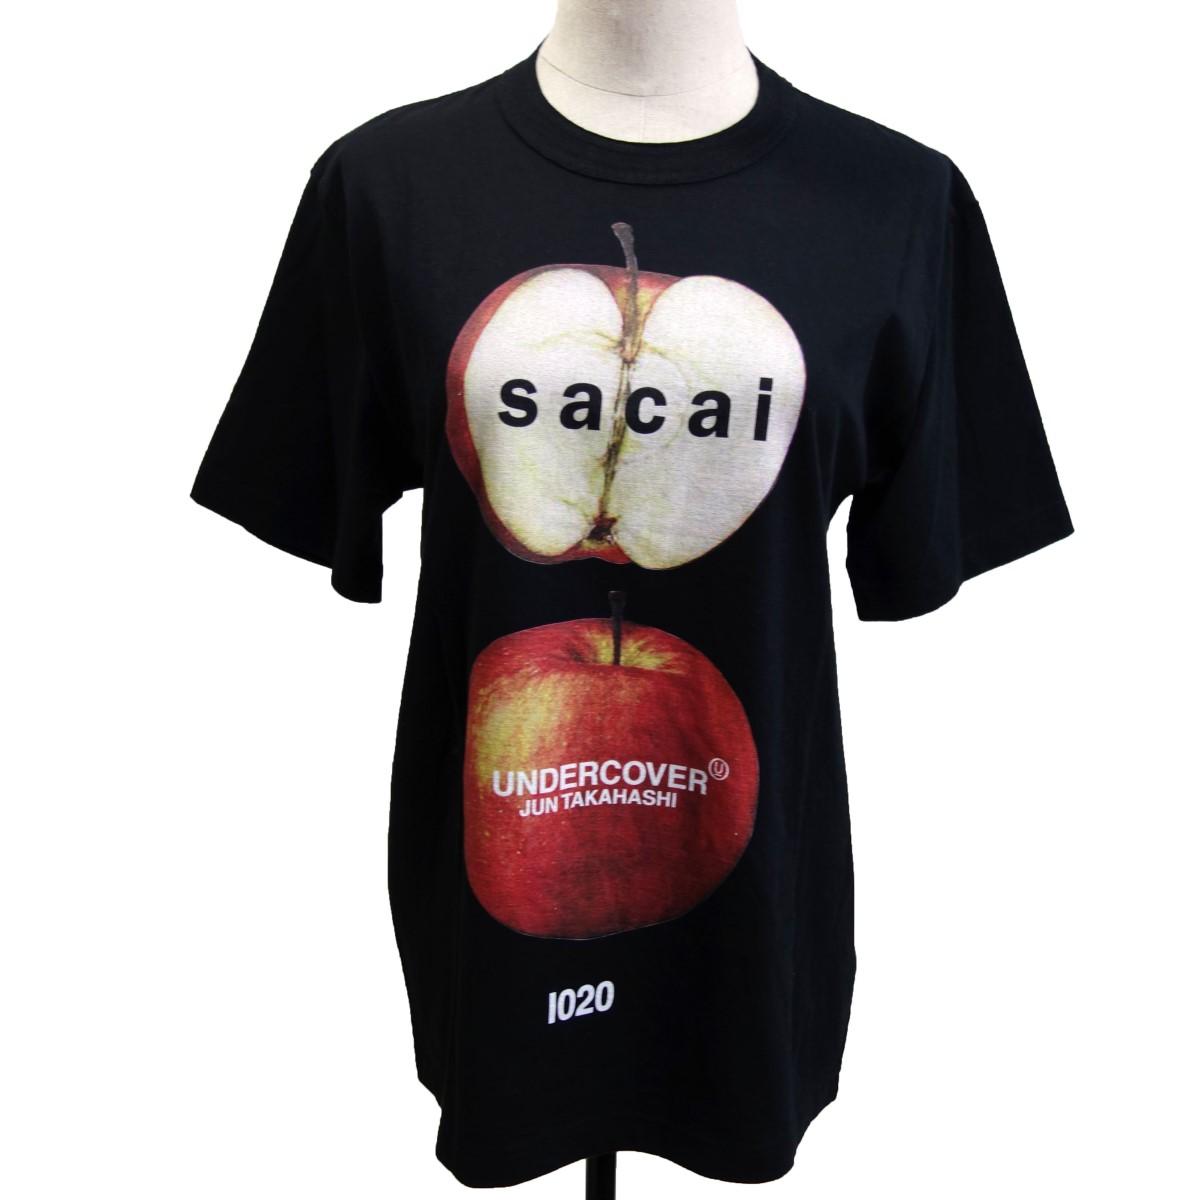 【中古】sacai×UNDER COVER 17AWプリントTシャツ ブラック サイズ:0 【240920】(サカイ×アンダーカバー)